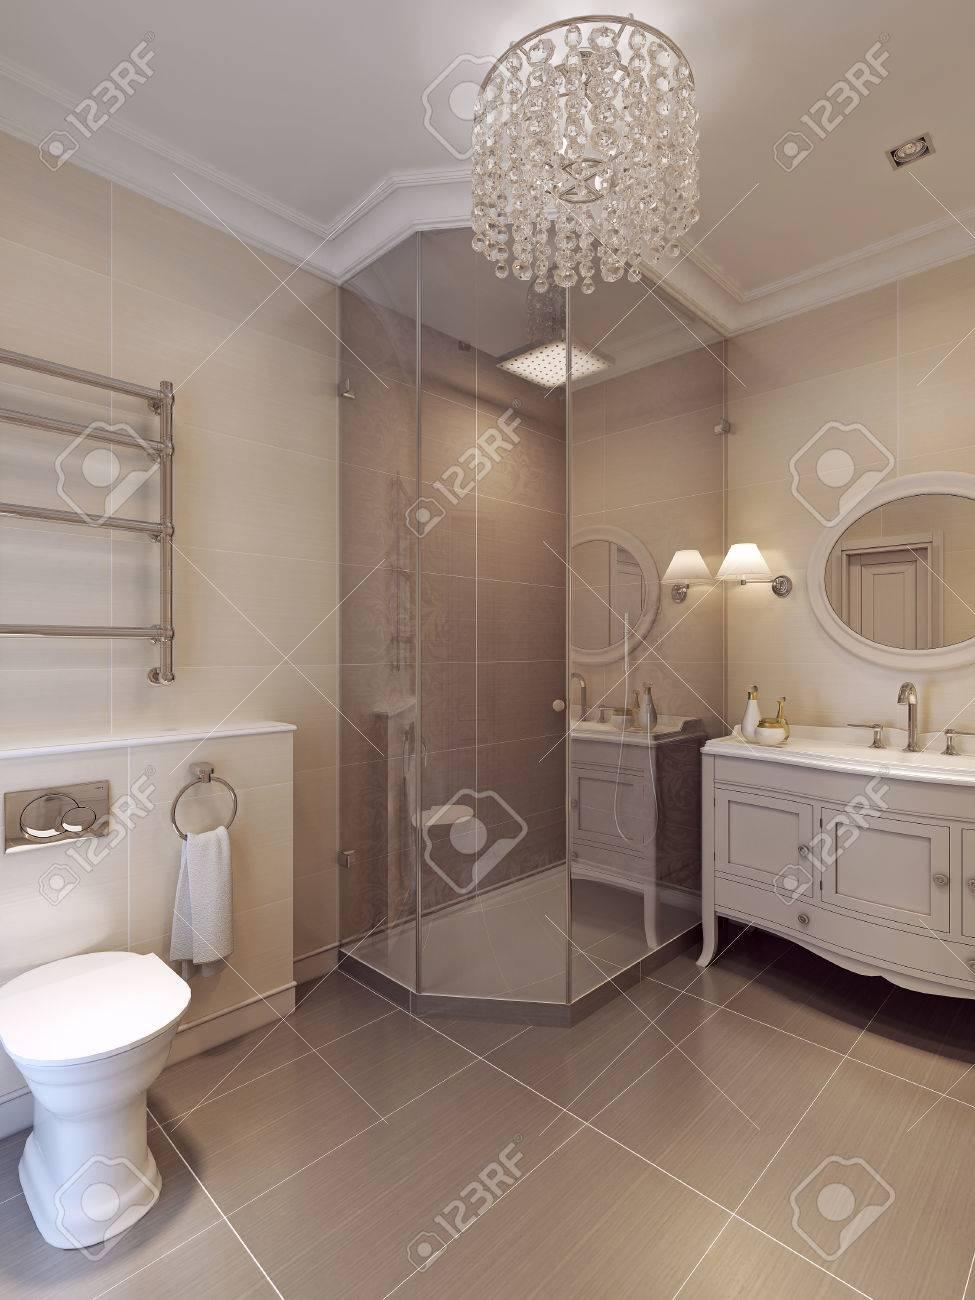 Ein Bad In Modernem Stil. Fliesenmuster In Braun Und Beige Farben. 3D  übertragen.